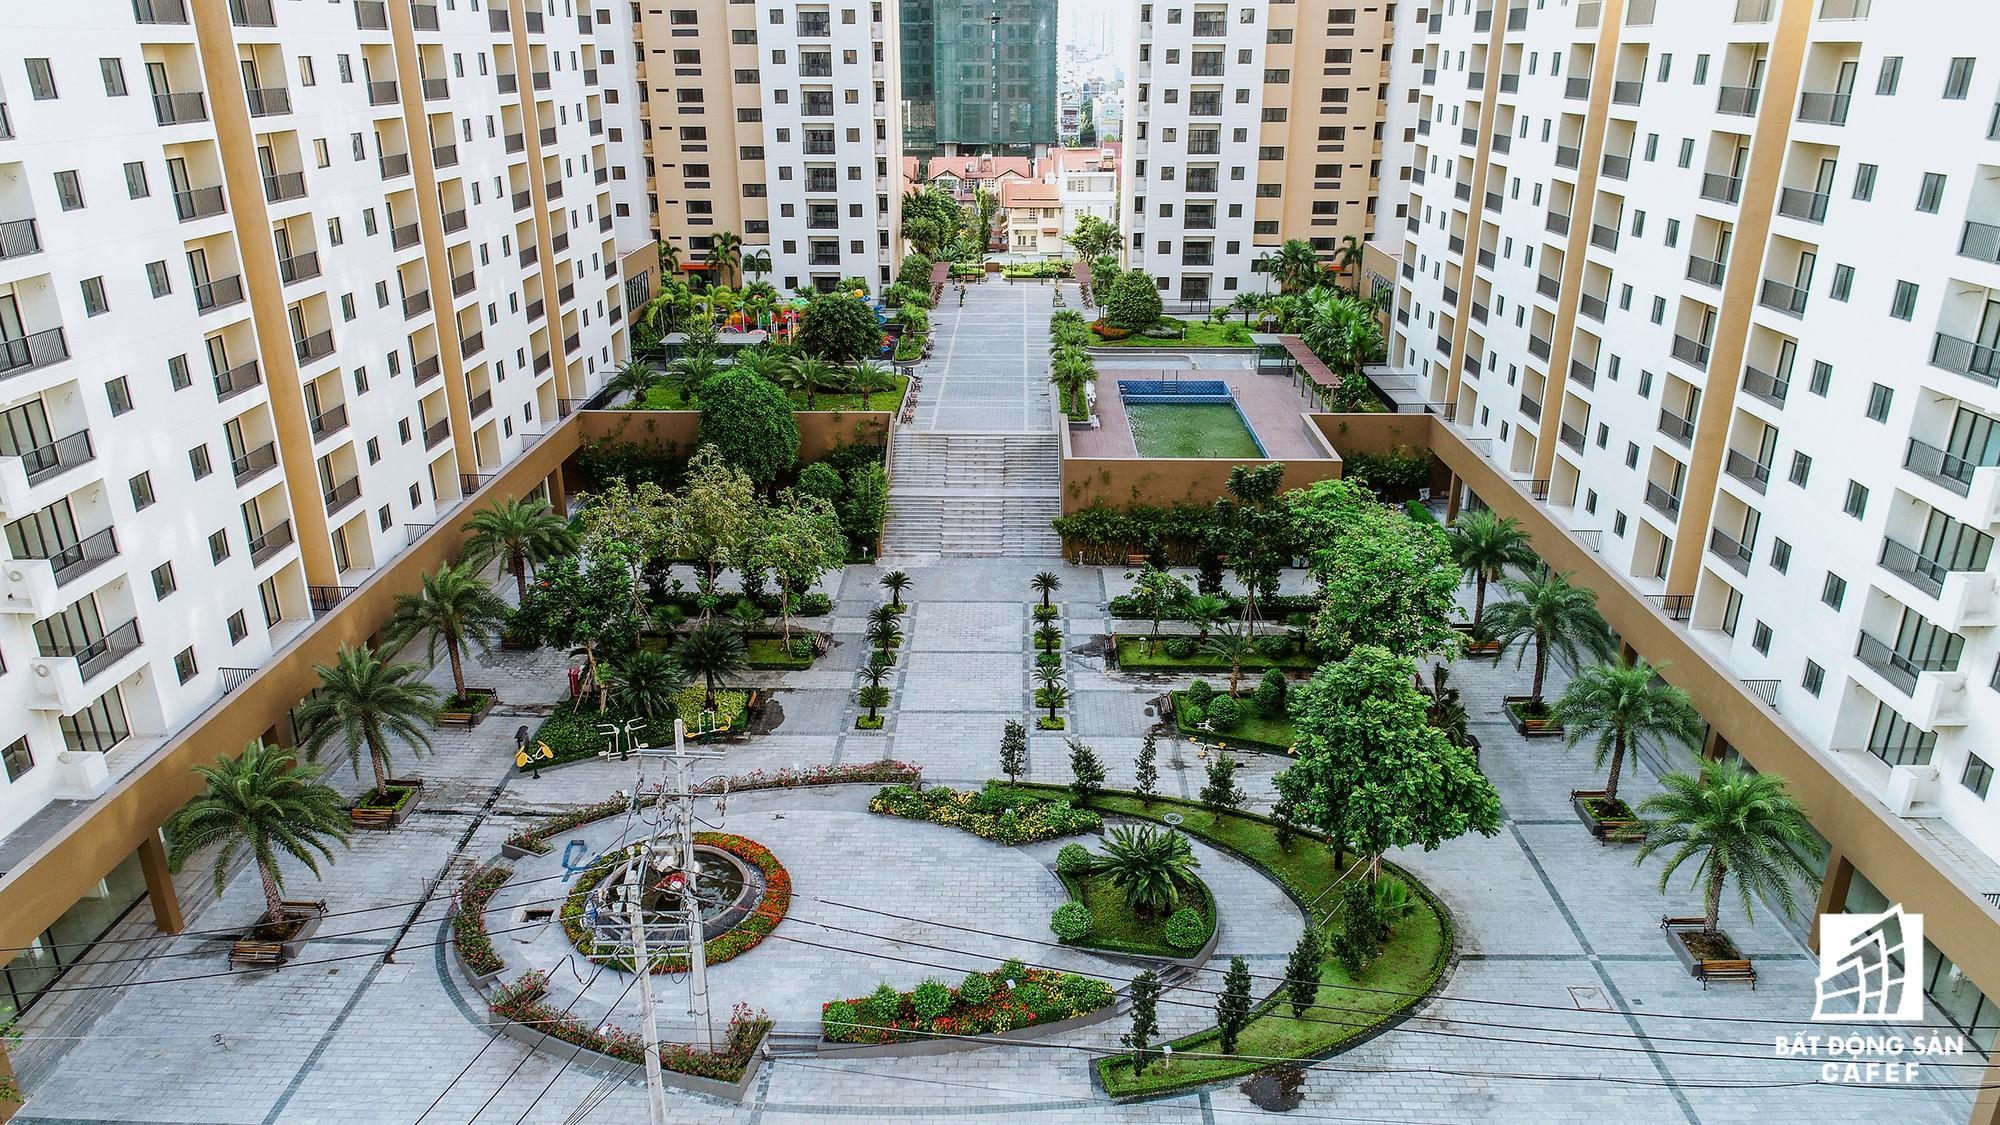 Toàn cảnh khu tái định cư đồ sộ nhất TPHCM, chục nghìn căn hộ không ai ở, bán đấu giá nhiều lần thất bại - Ảnh 15.